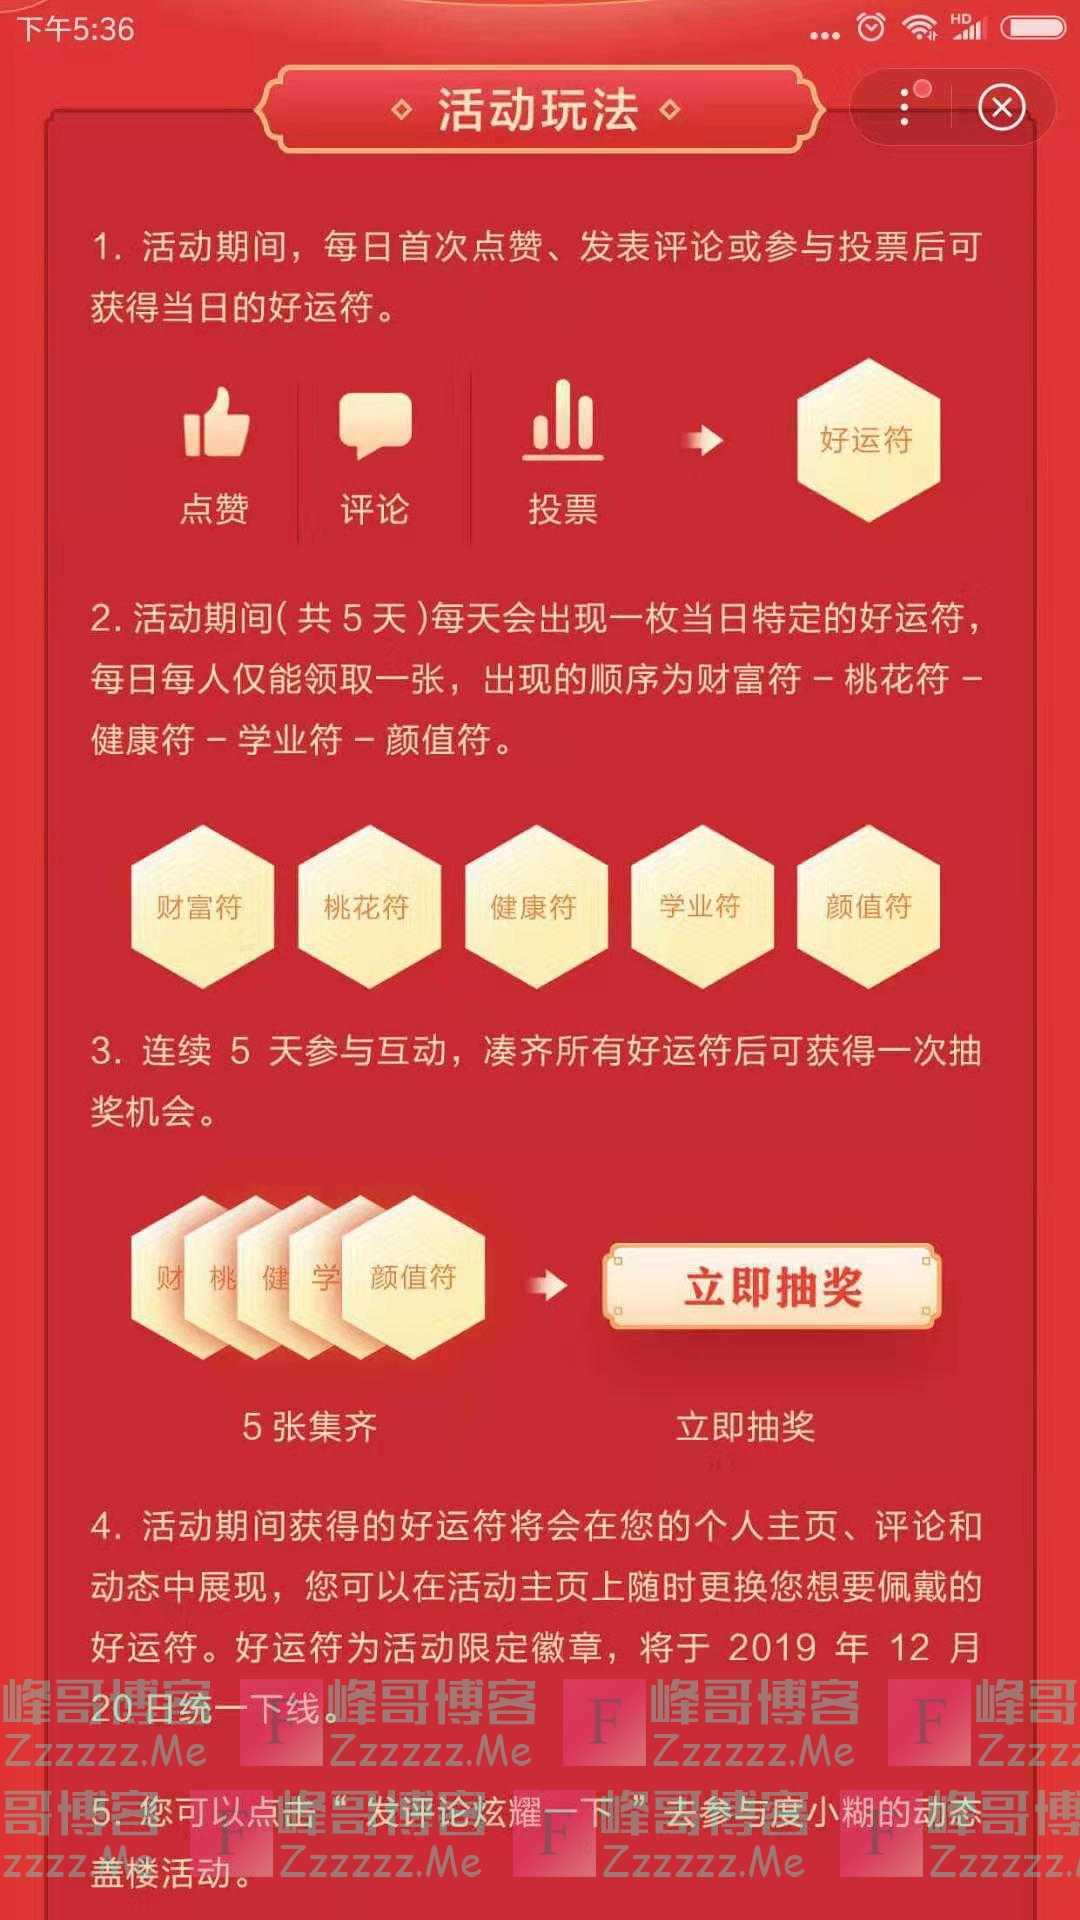 百度2020互动求好运抽大奖(截止12月20日)